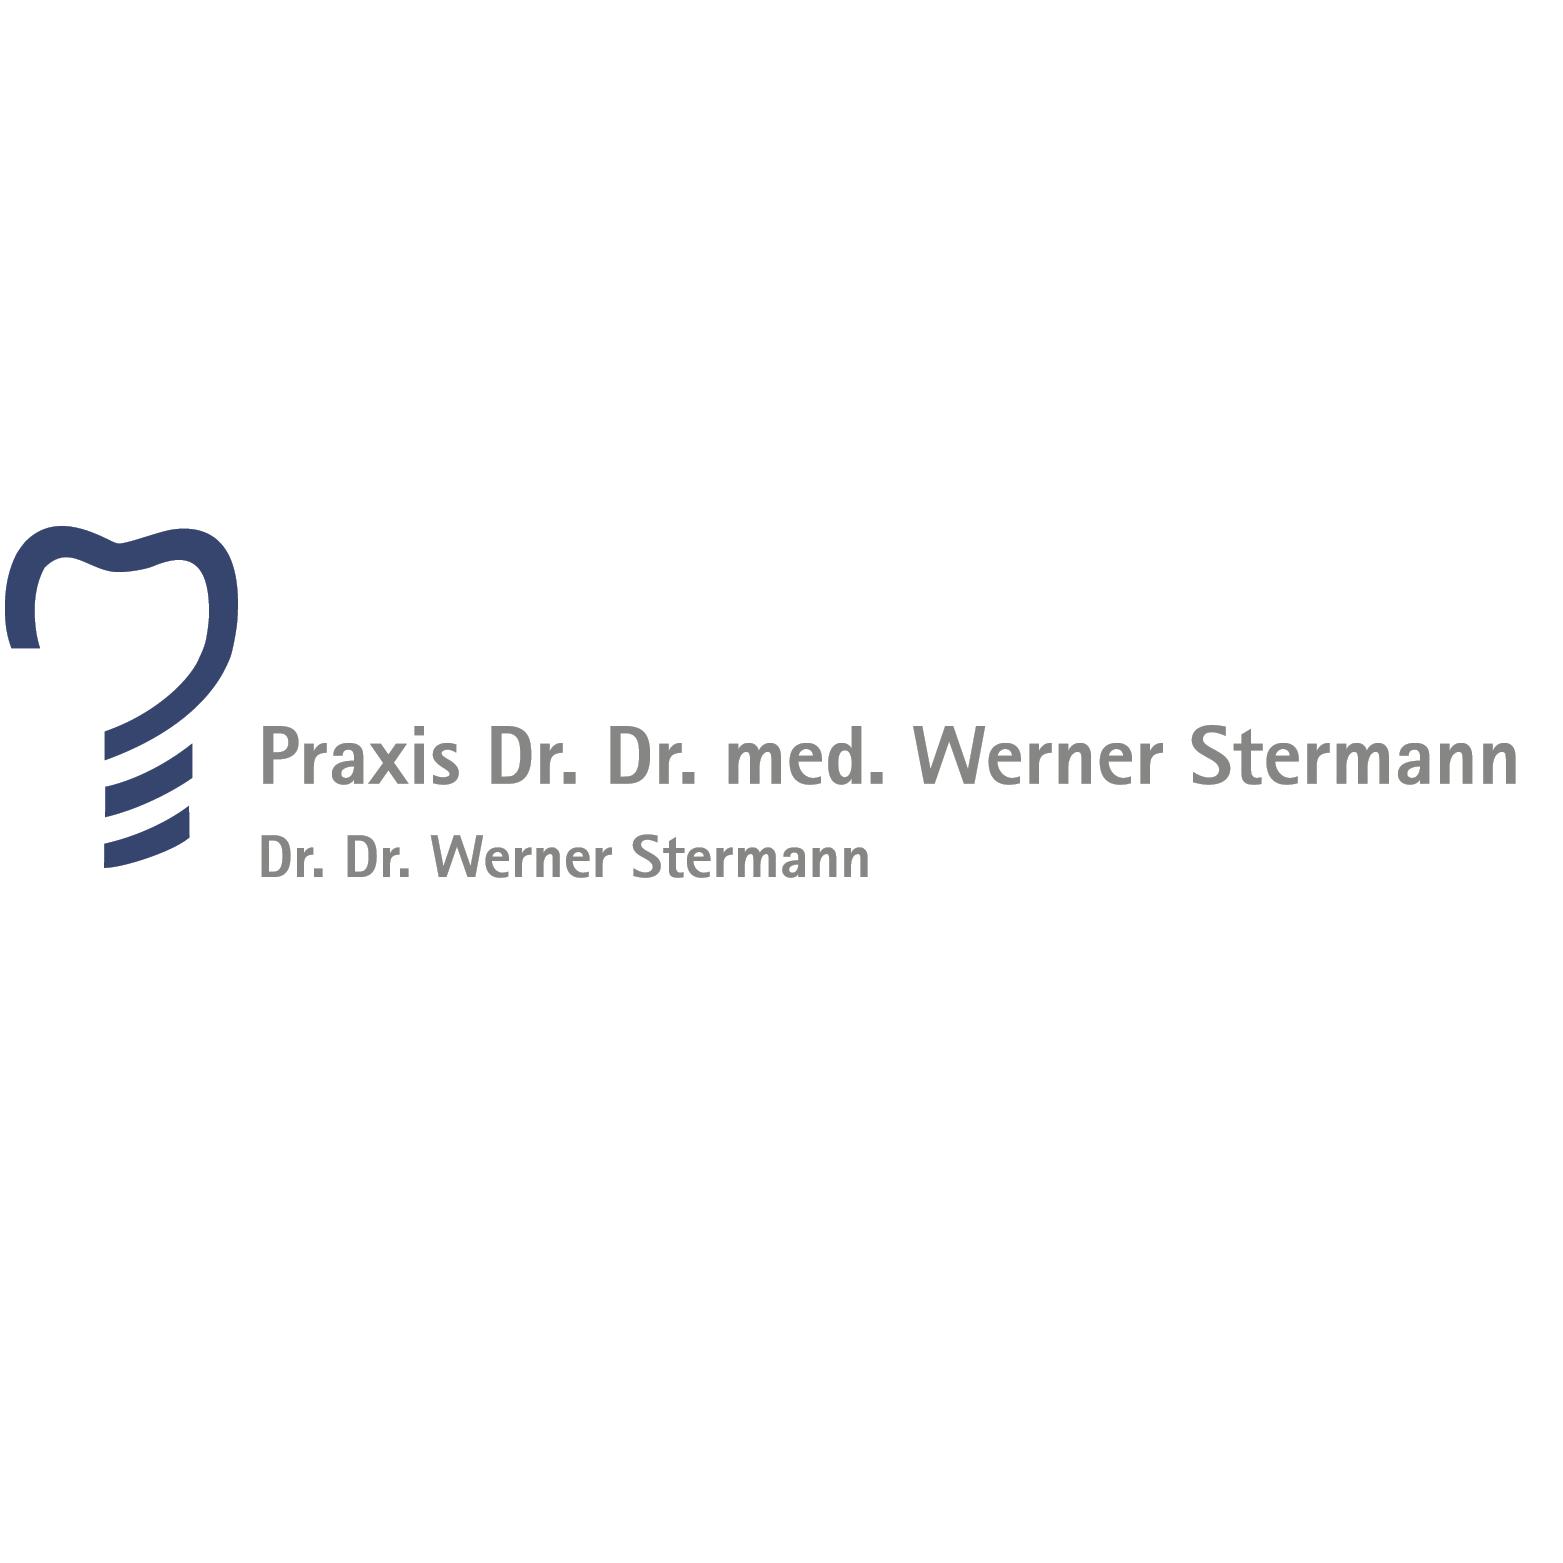 Bild zu Zahnarzt Arzt Oralchirurg Implantologie in Hamburg